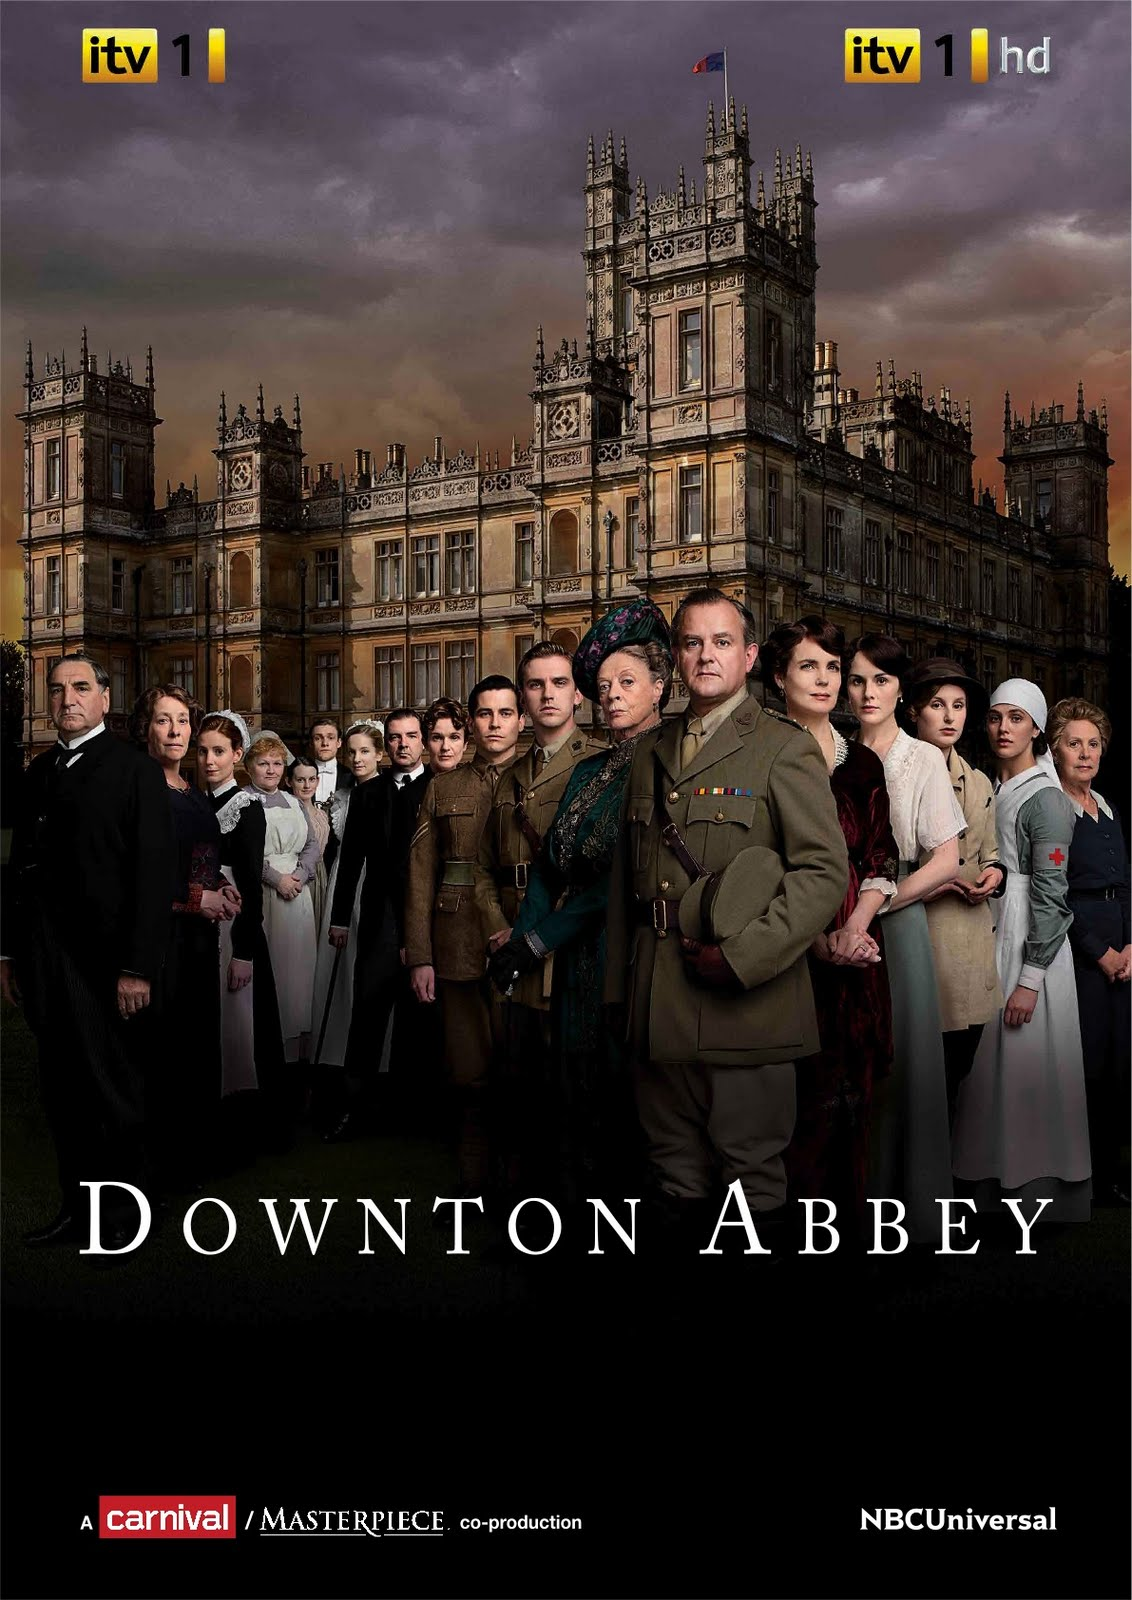 downton abbey s04e05 720p dimensions